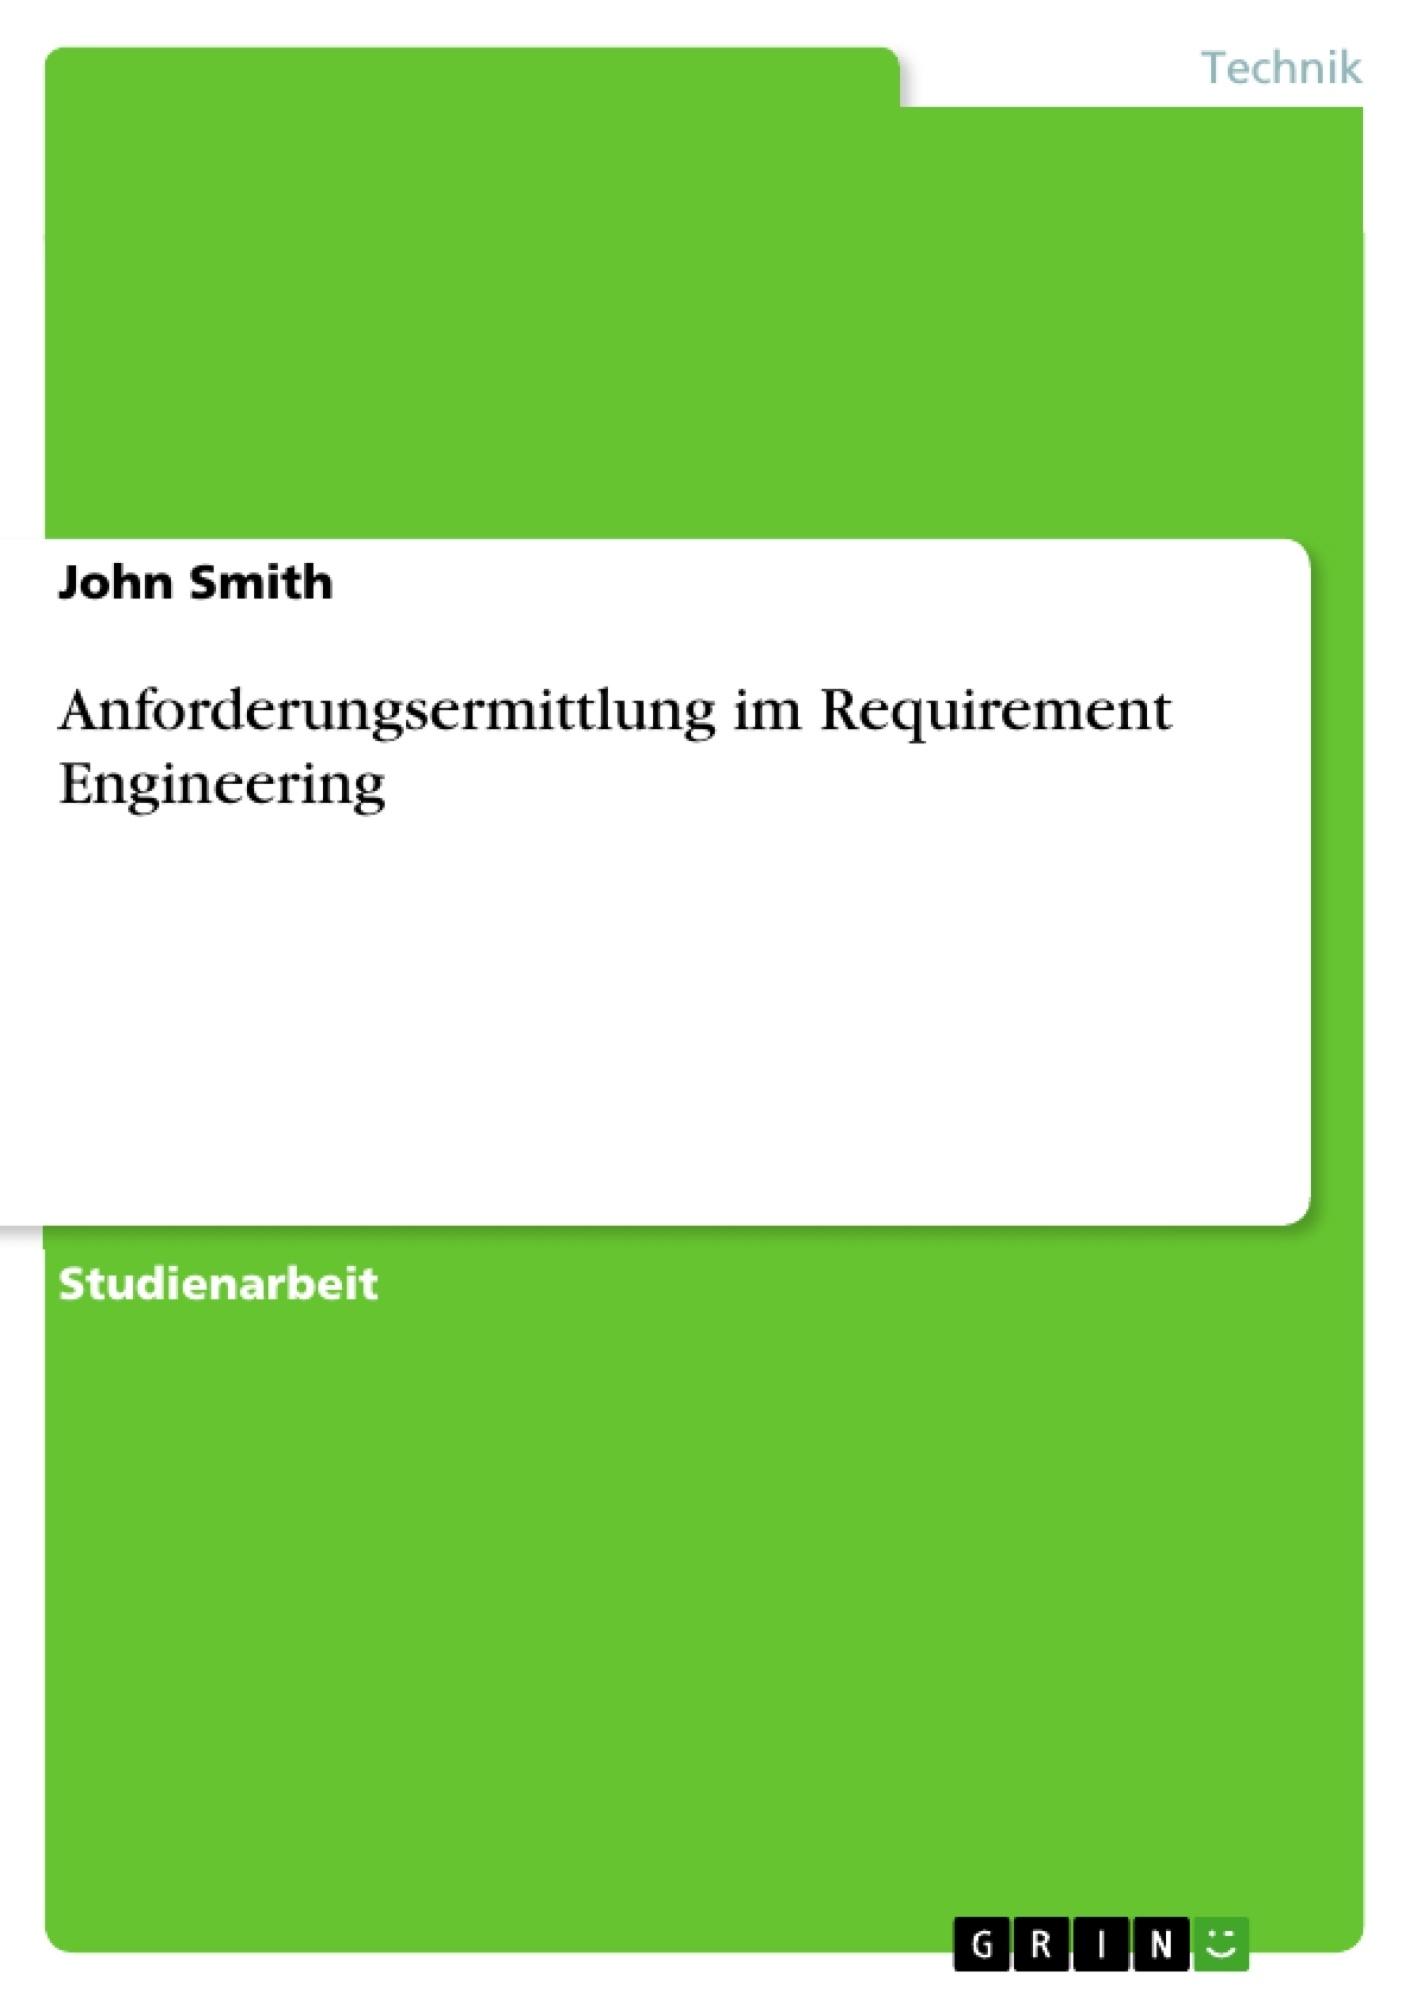 Titel: Anforderungsermittlung im Requirement Engineering